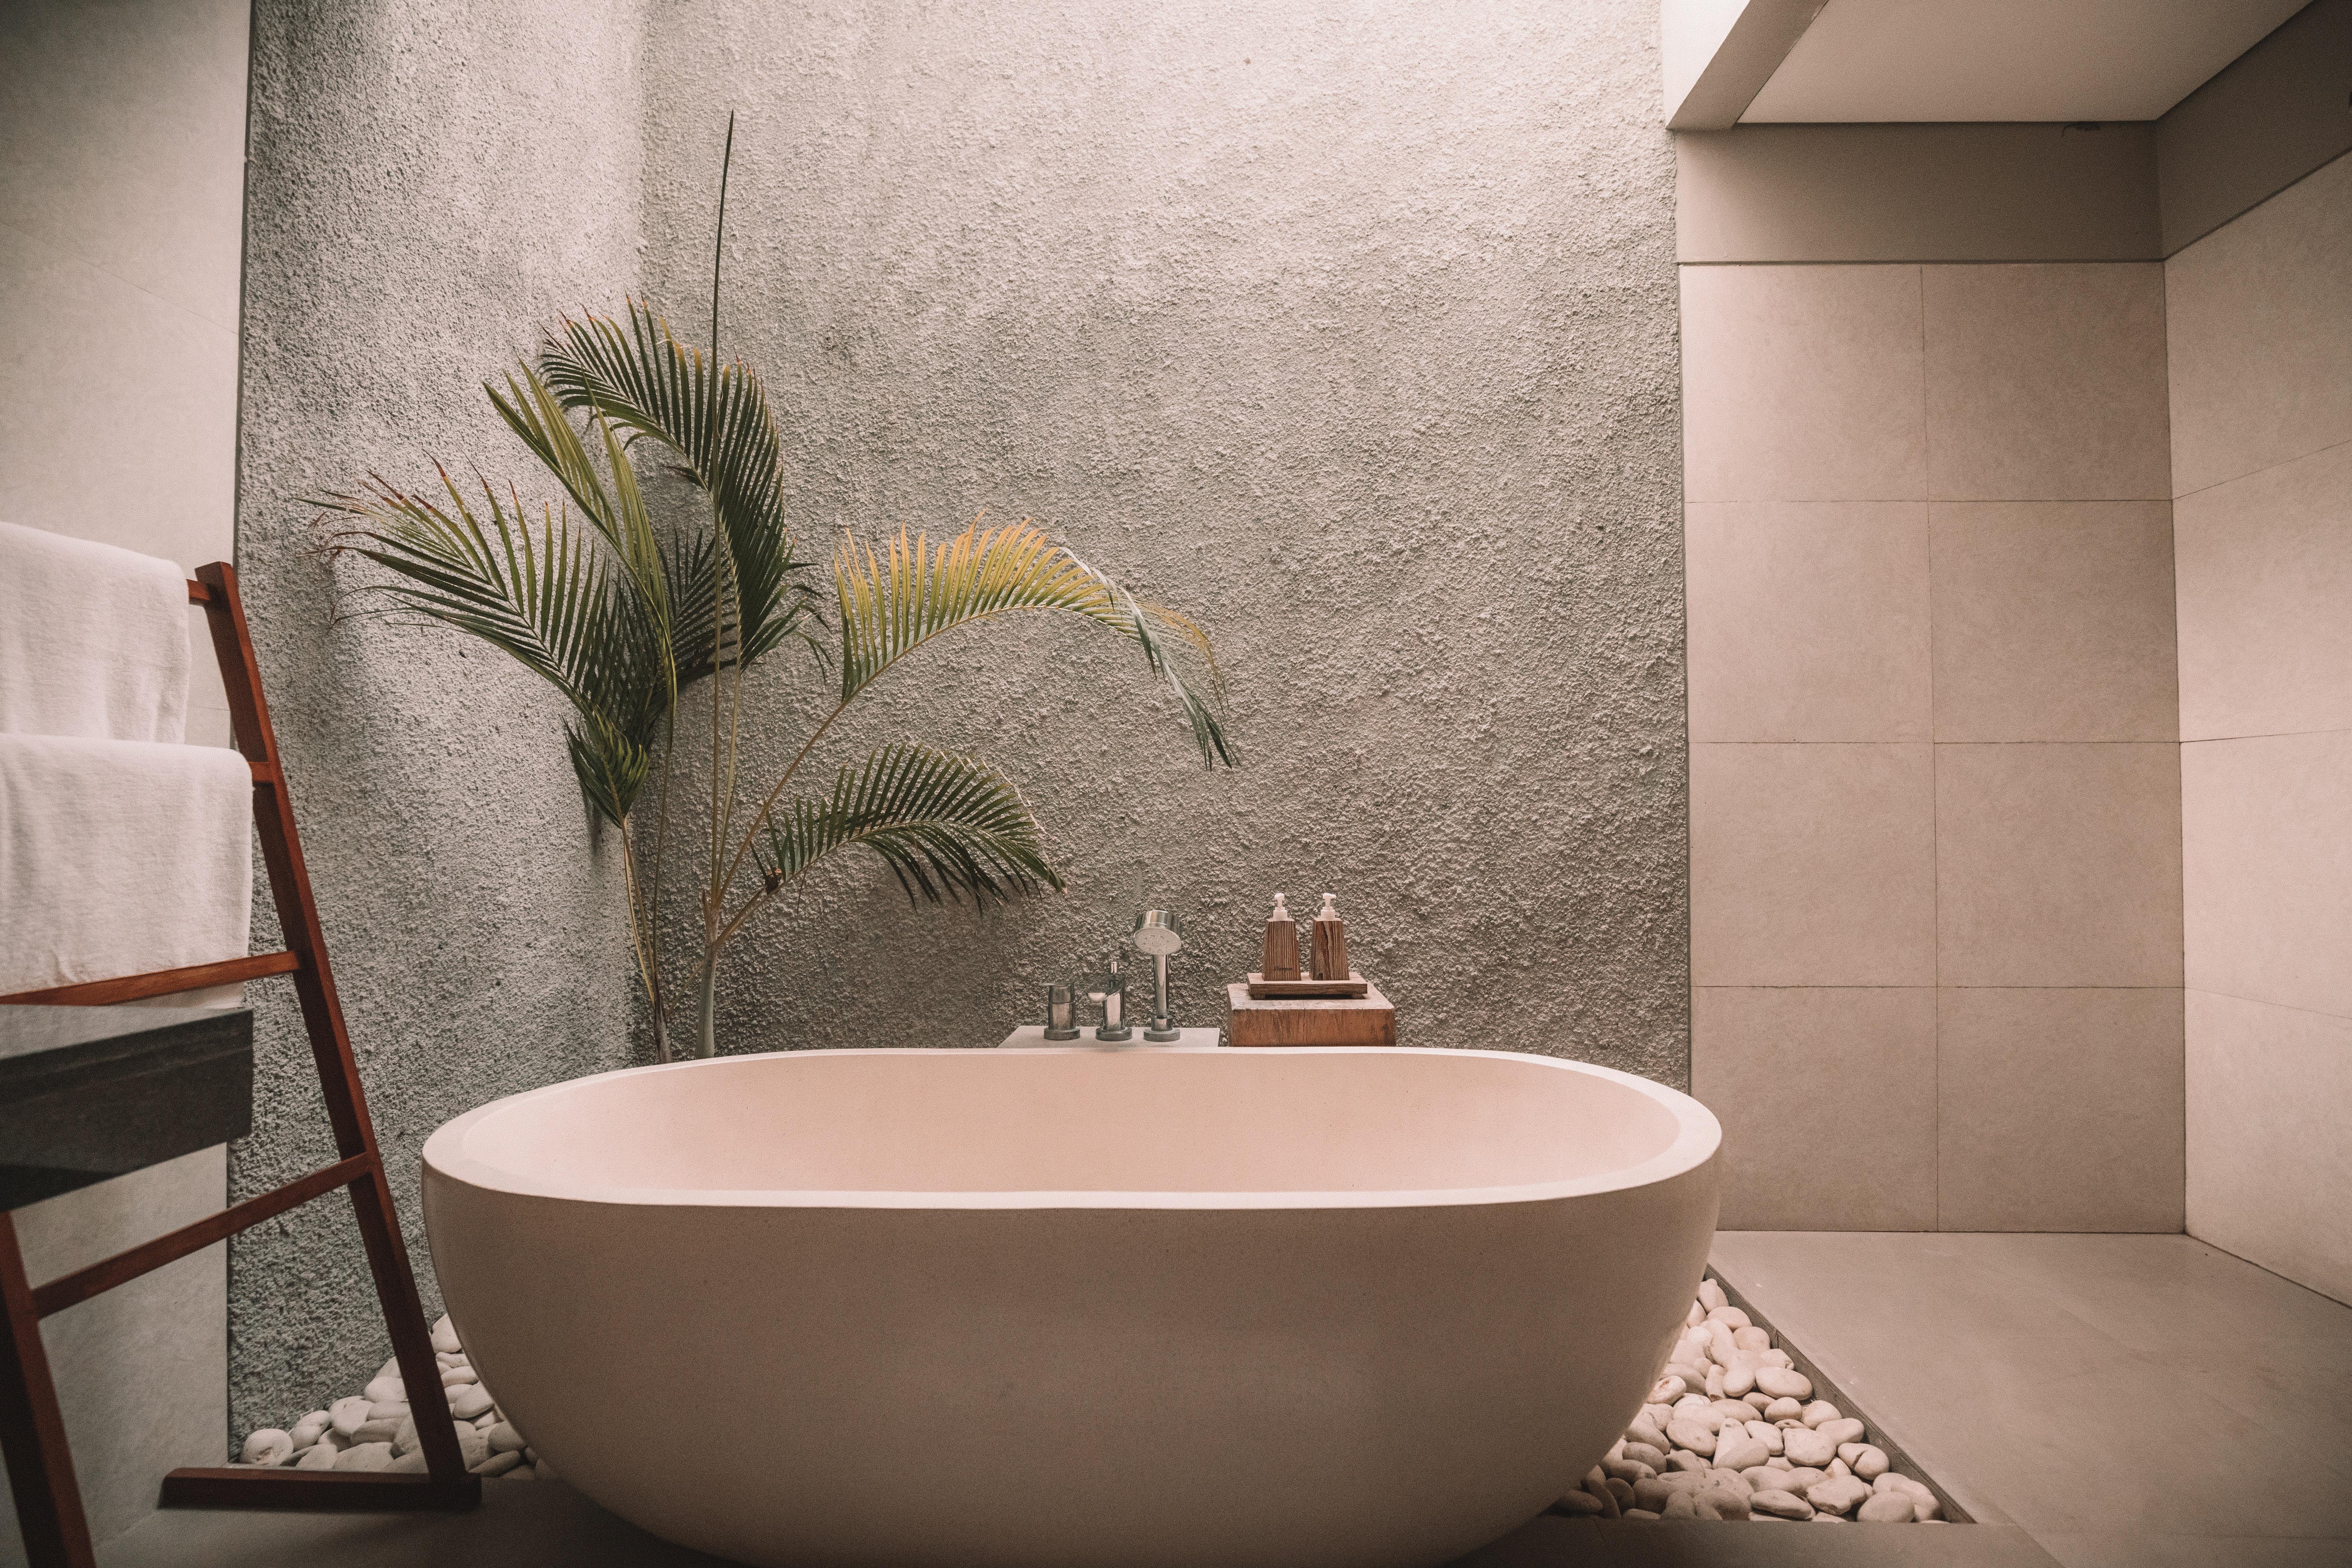 Quelques astuces pour une petite touche de Feng Shui dans sa salle de bain !